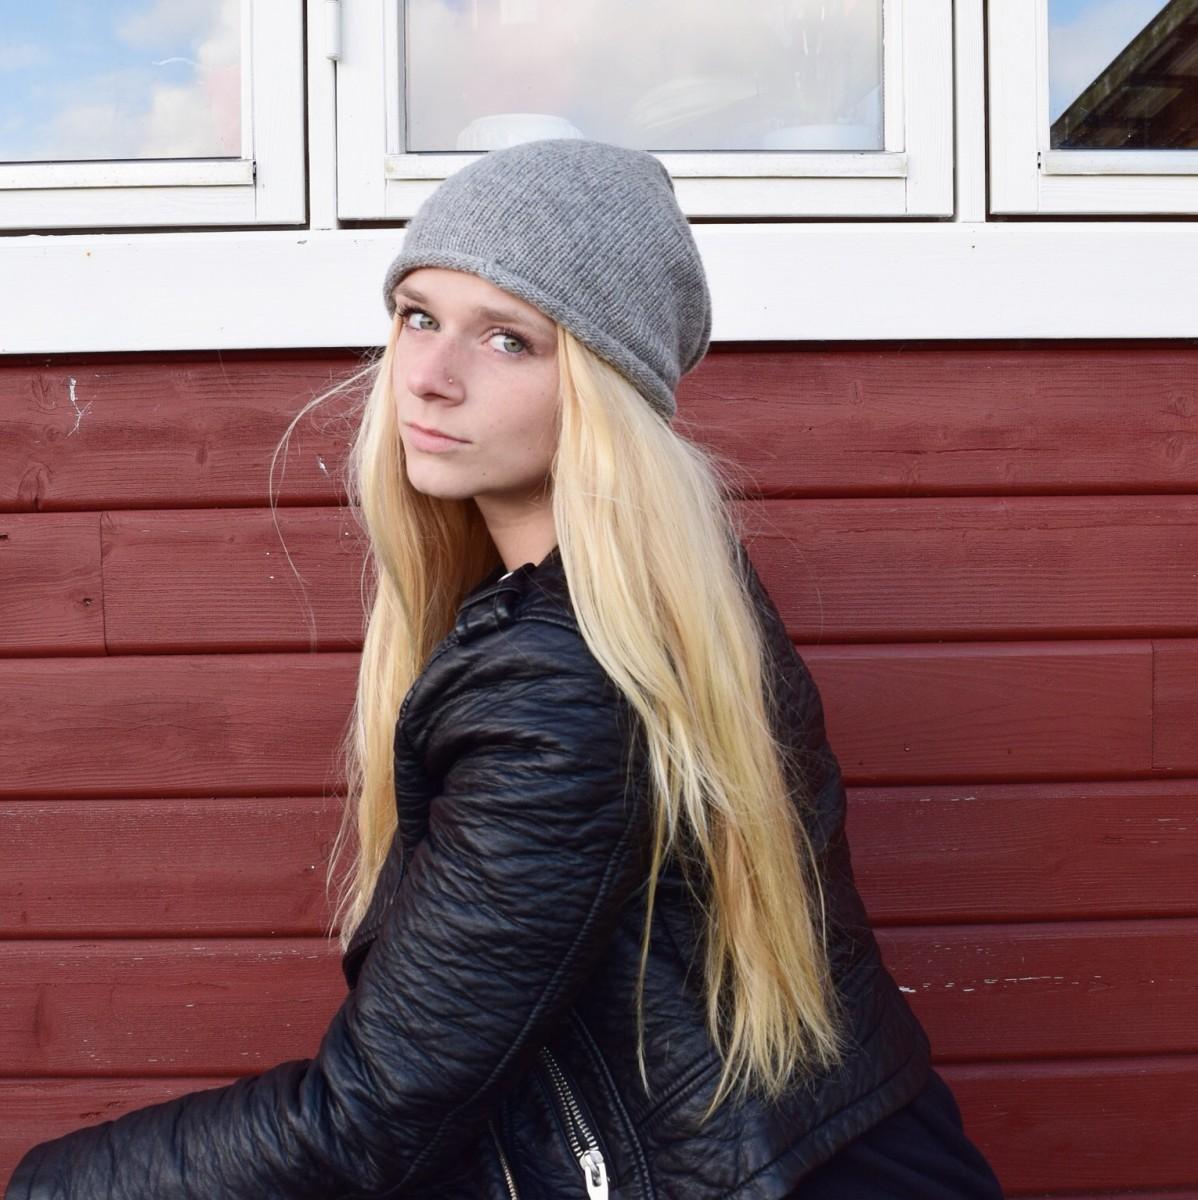 graue-mütze-lederjacke-swanted-blonde-lange-haare